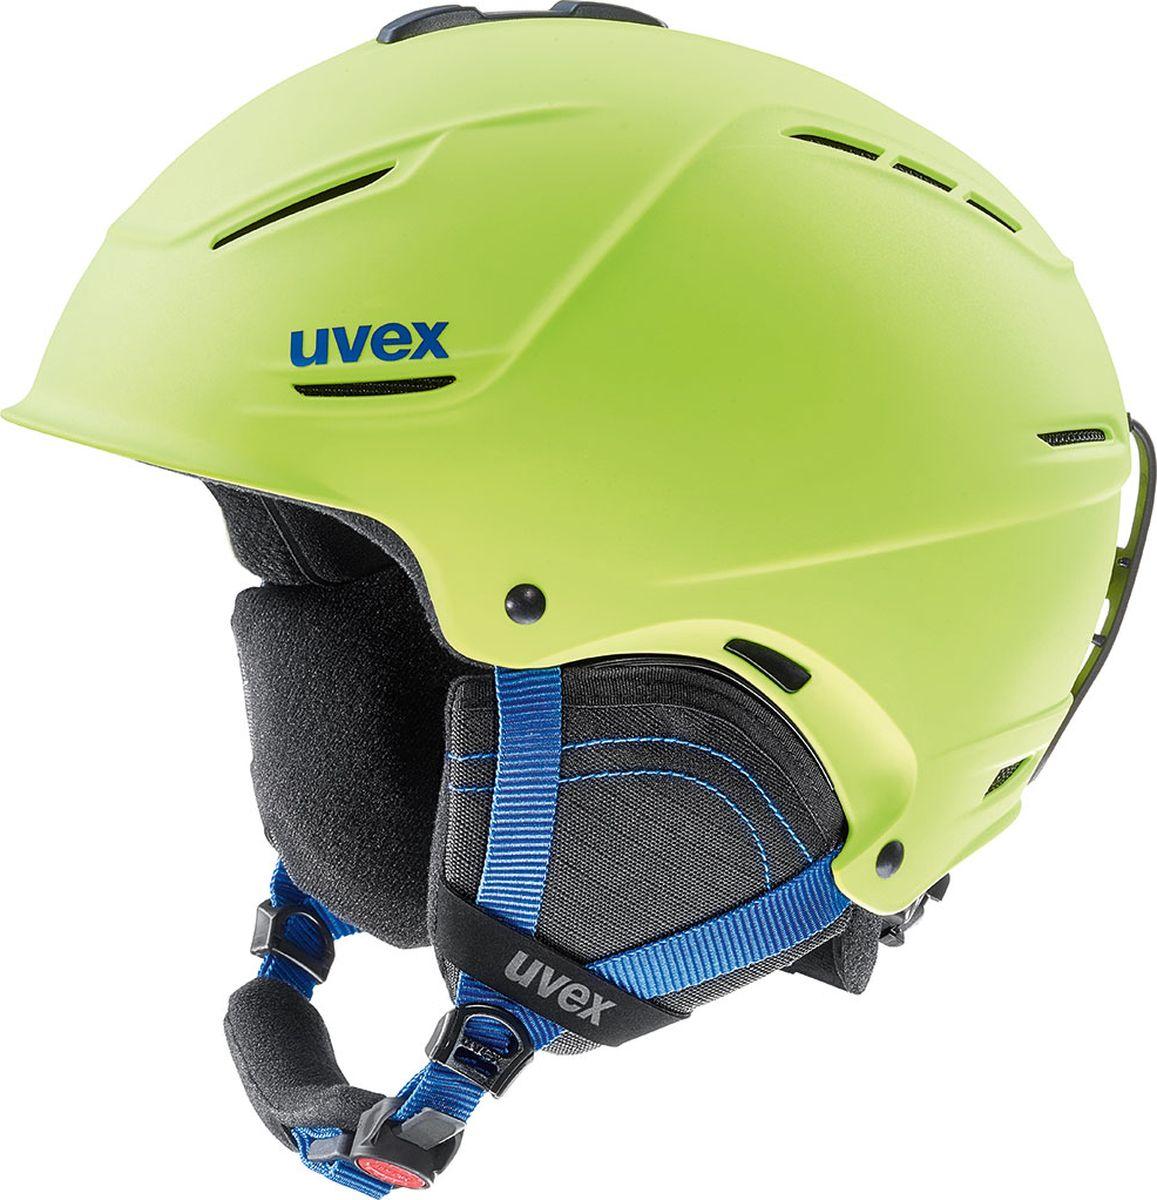 Шлем горнолыжный Uvex P1us 2.0 Helmet, цвет: лайм матовый. Размер 52/556211Удобный шлем Uvex P1us 2.0 Helmet с конструкцией +technology обеспечит безопасность на склоне.В модели предусмотрена съемная защита ушей с технологией Natural Sound, которая не искажает звуки. Гипоаллергенная подкладка и регулируемая вентиляция гарантируют комфорт во время катания. Фиксатор стрэпа маски и застежка monomatiс, которую легко отрегулировать одной рукой, служат для удобства использования.